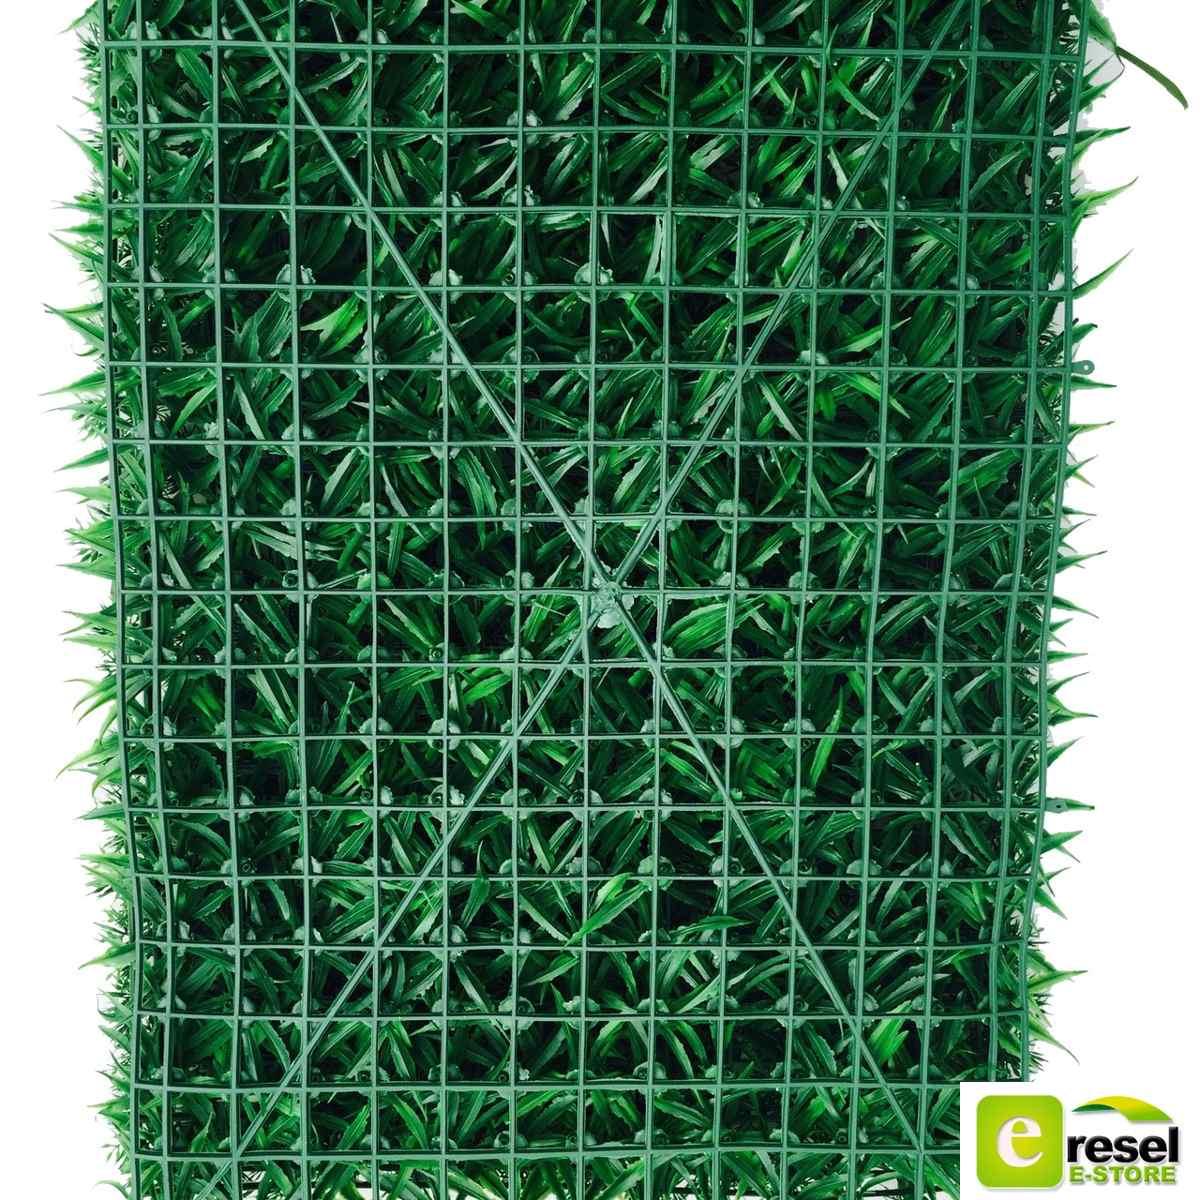 Follaje artificial plantas muro verde p1 60 x 40 cm 80 for Plantas para muros verdes exteriores